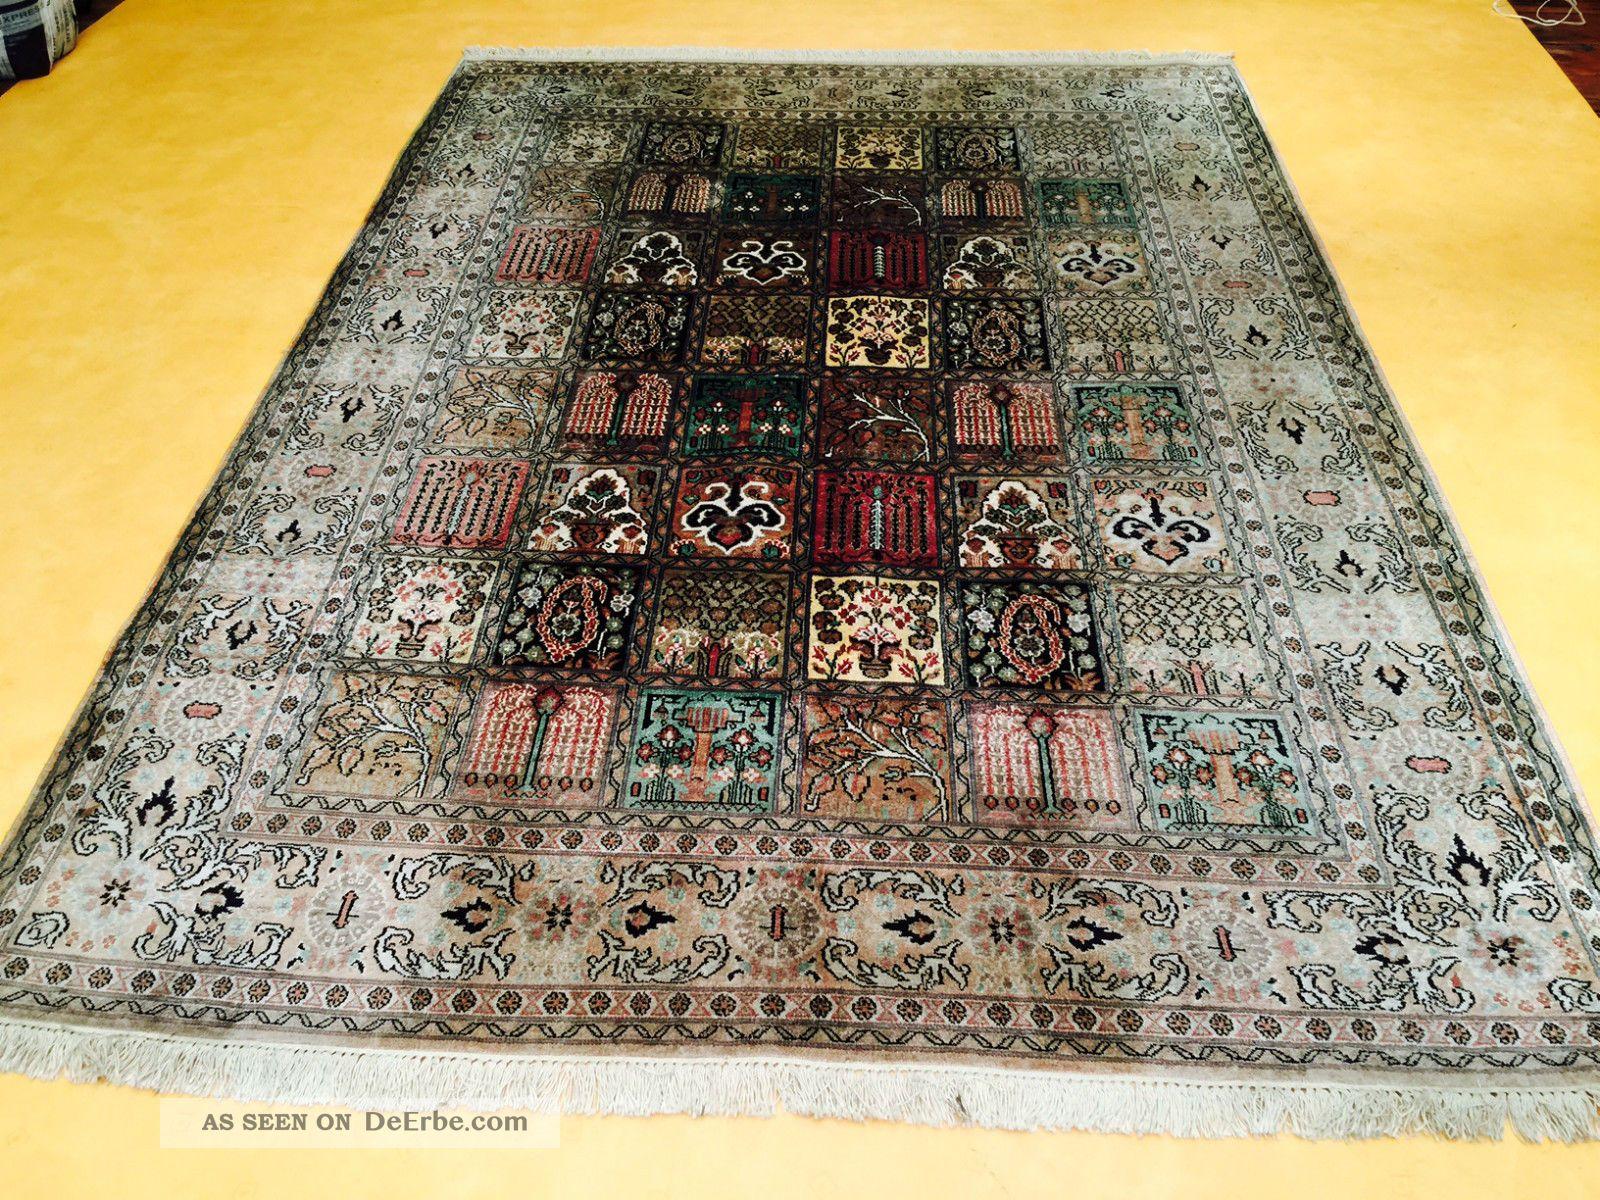 Seidenteppich  Teppiche & Flachgewebe - Persische Teppiche - Antiquitäten